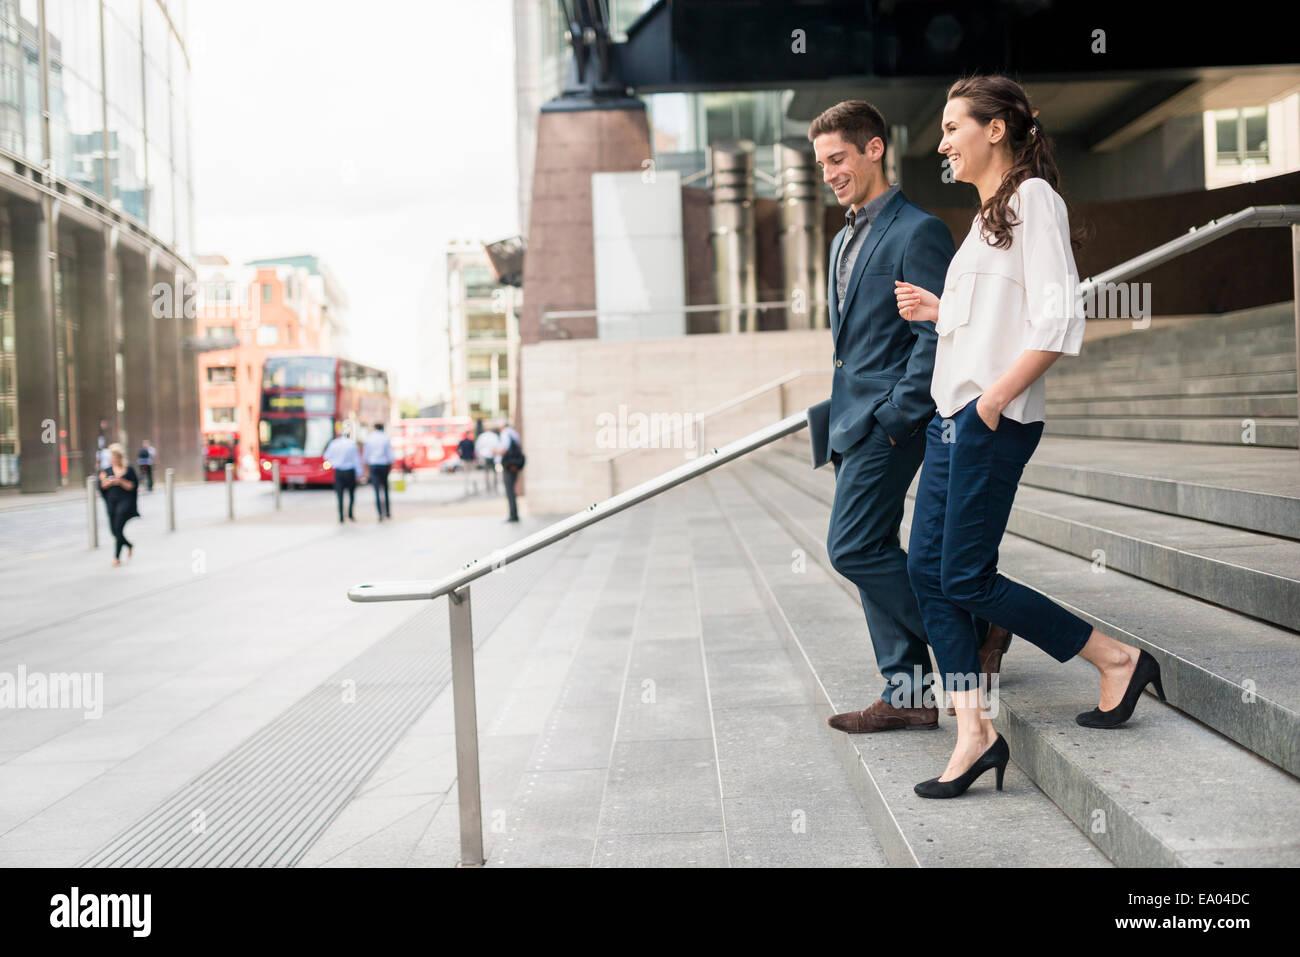 Vista trasera del empresario joven y mujer conversando mientras caminando por las escaleras, London, UK Imagen De Stock